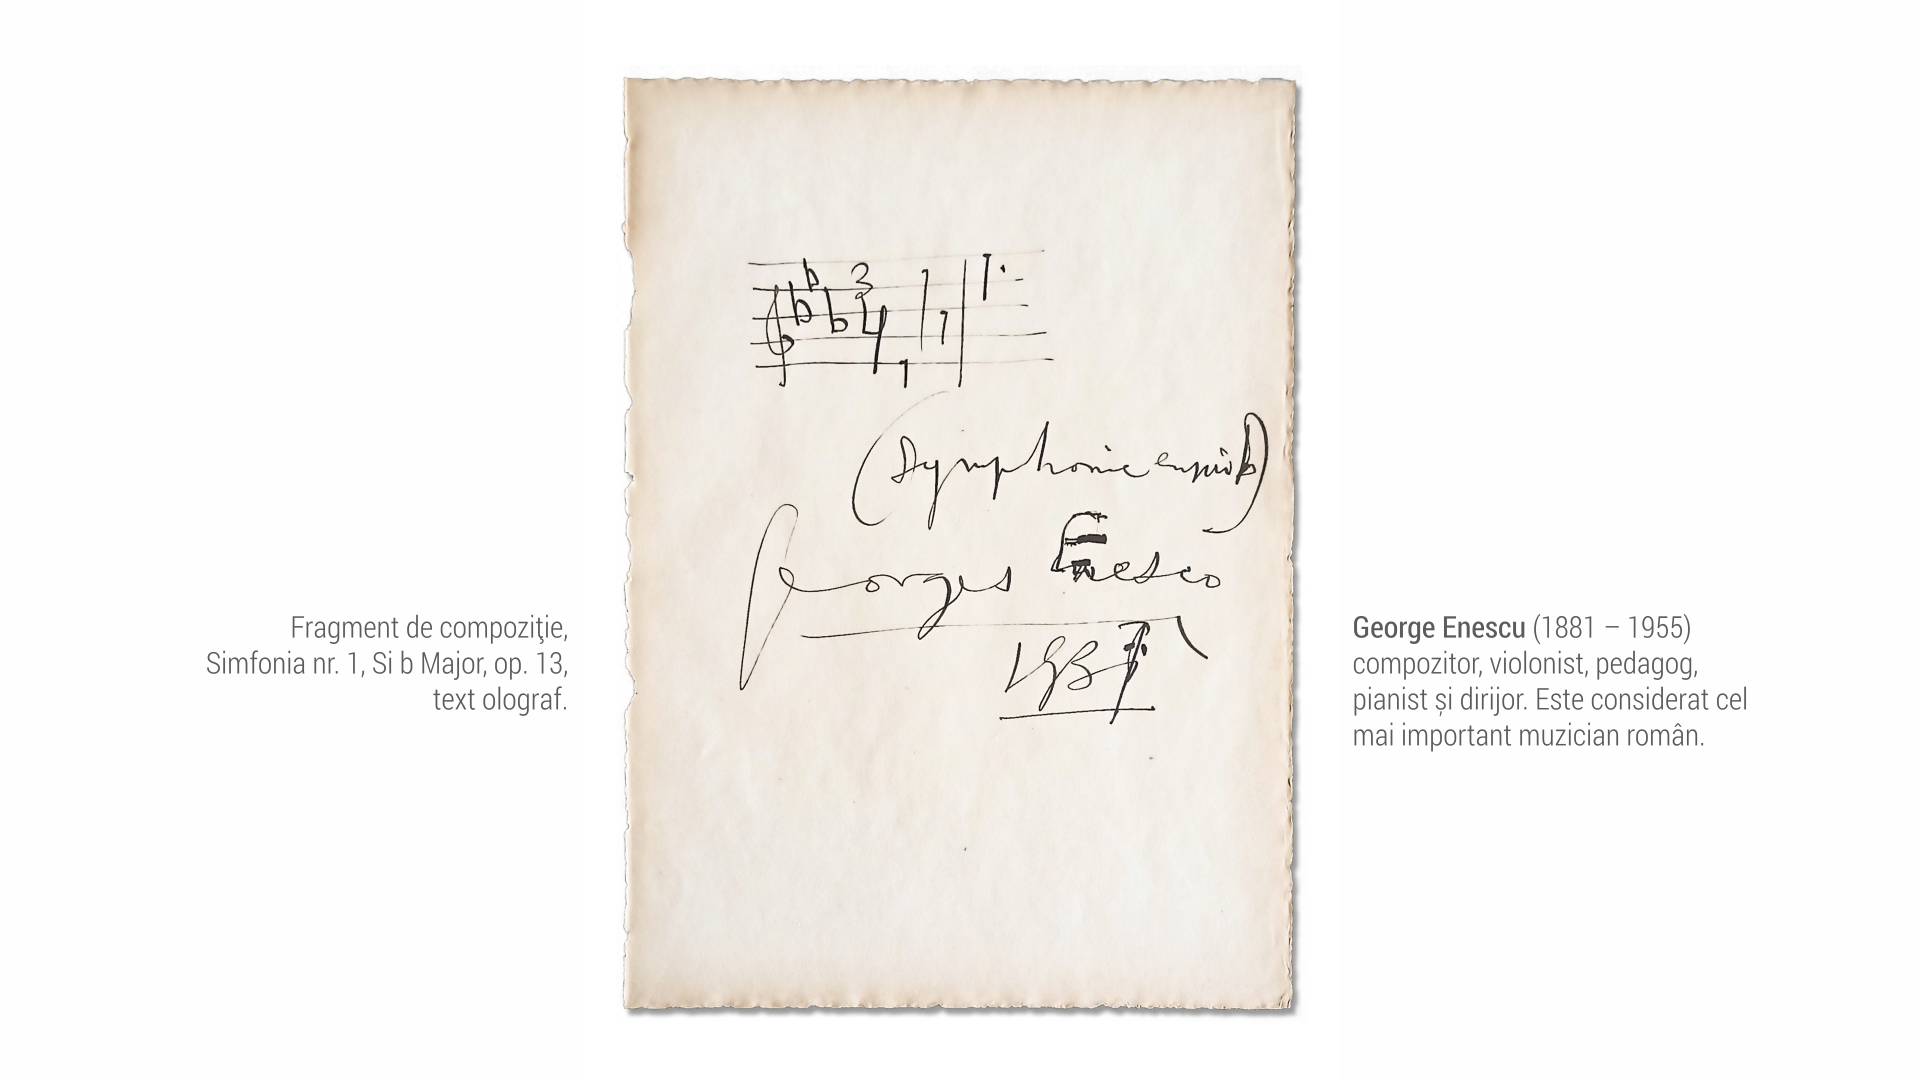 1881 George Enescu - partitura